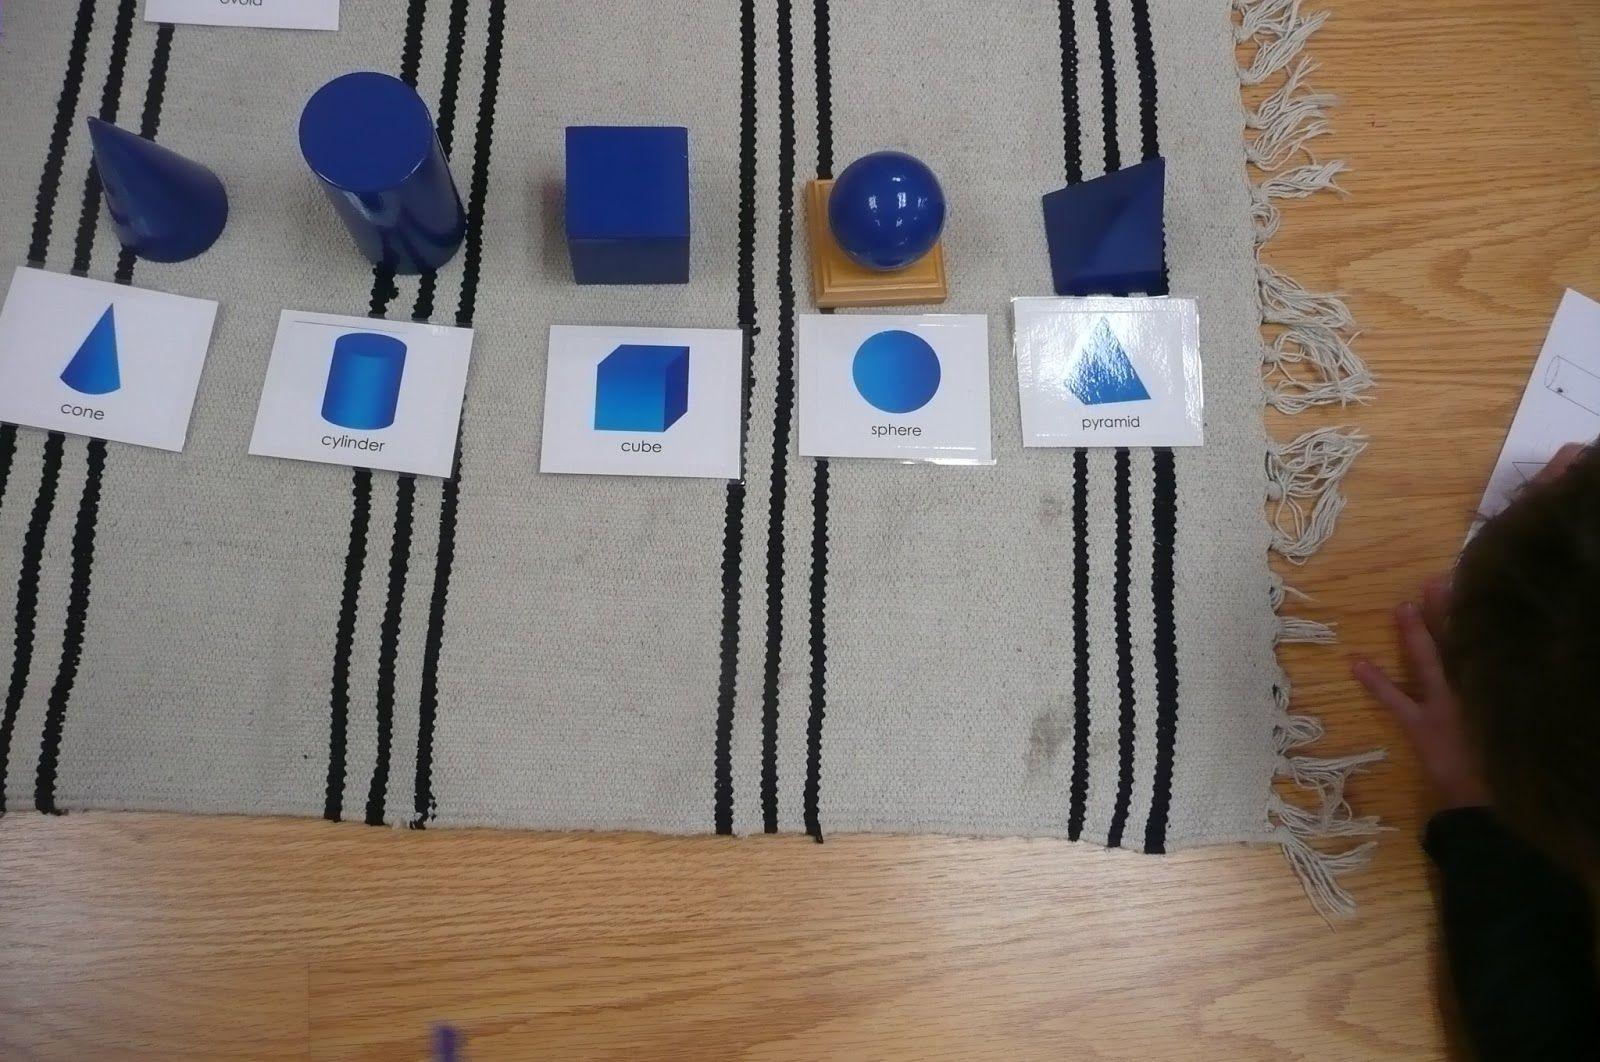 يتم تقديم هذا النشاط بعد تقديم الأشكال الثنائية الأبعاد وكابينة الأشكال الهندسية السن المناسب لتقديم النشاط من عمر3 5 فما Geometric Solids Geometric Sphere